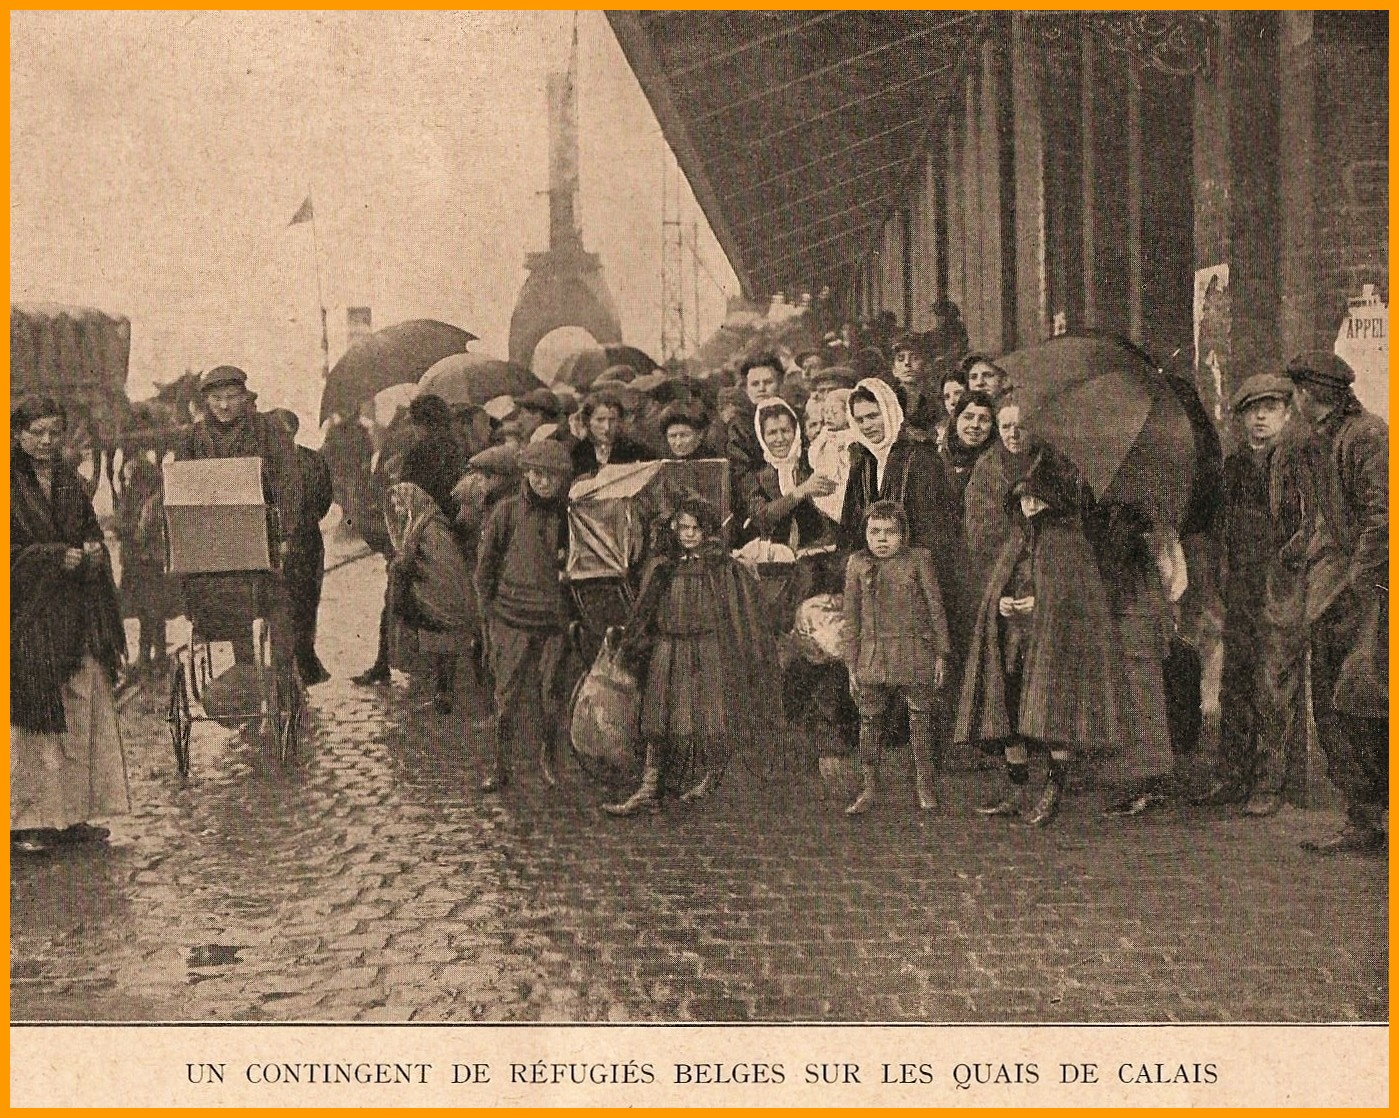 Calais 14 18 un contingent de refugies belges sur les quais de calais encadre